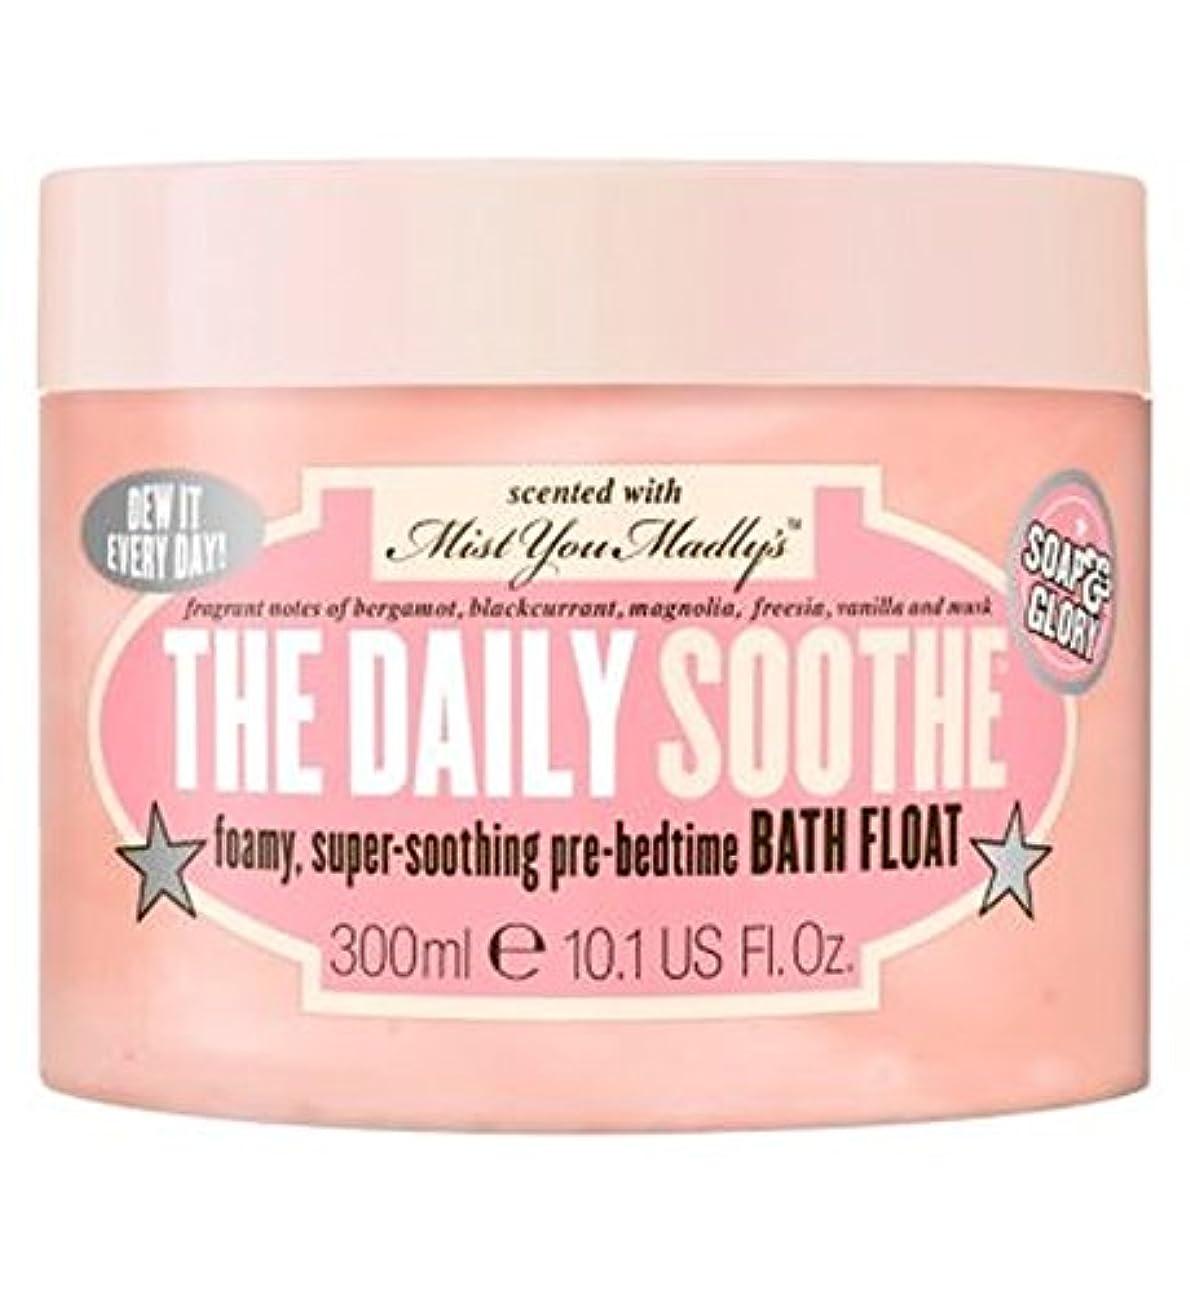 不器用ルーム祈りSoap & Glory The Daily Soothe Bath Float - 石鹸&栄光毎日癒すバスフロート (Soap & Glory) [並行輸入品]